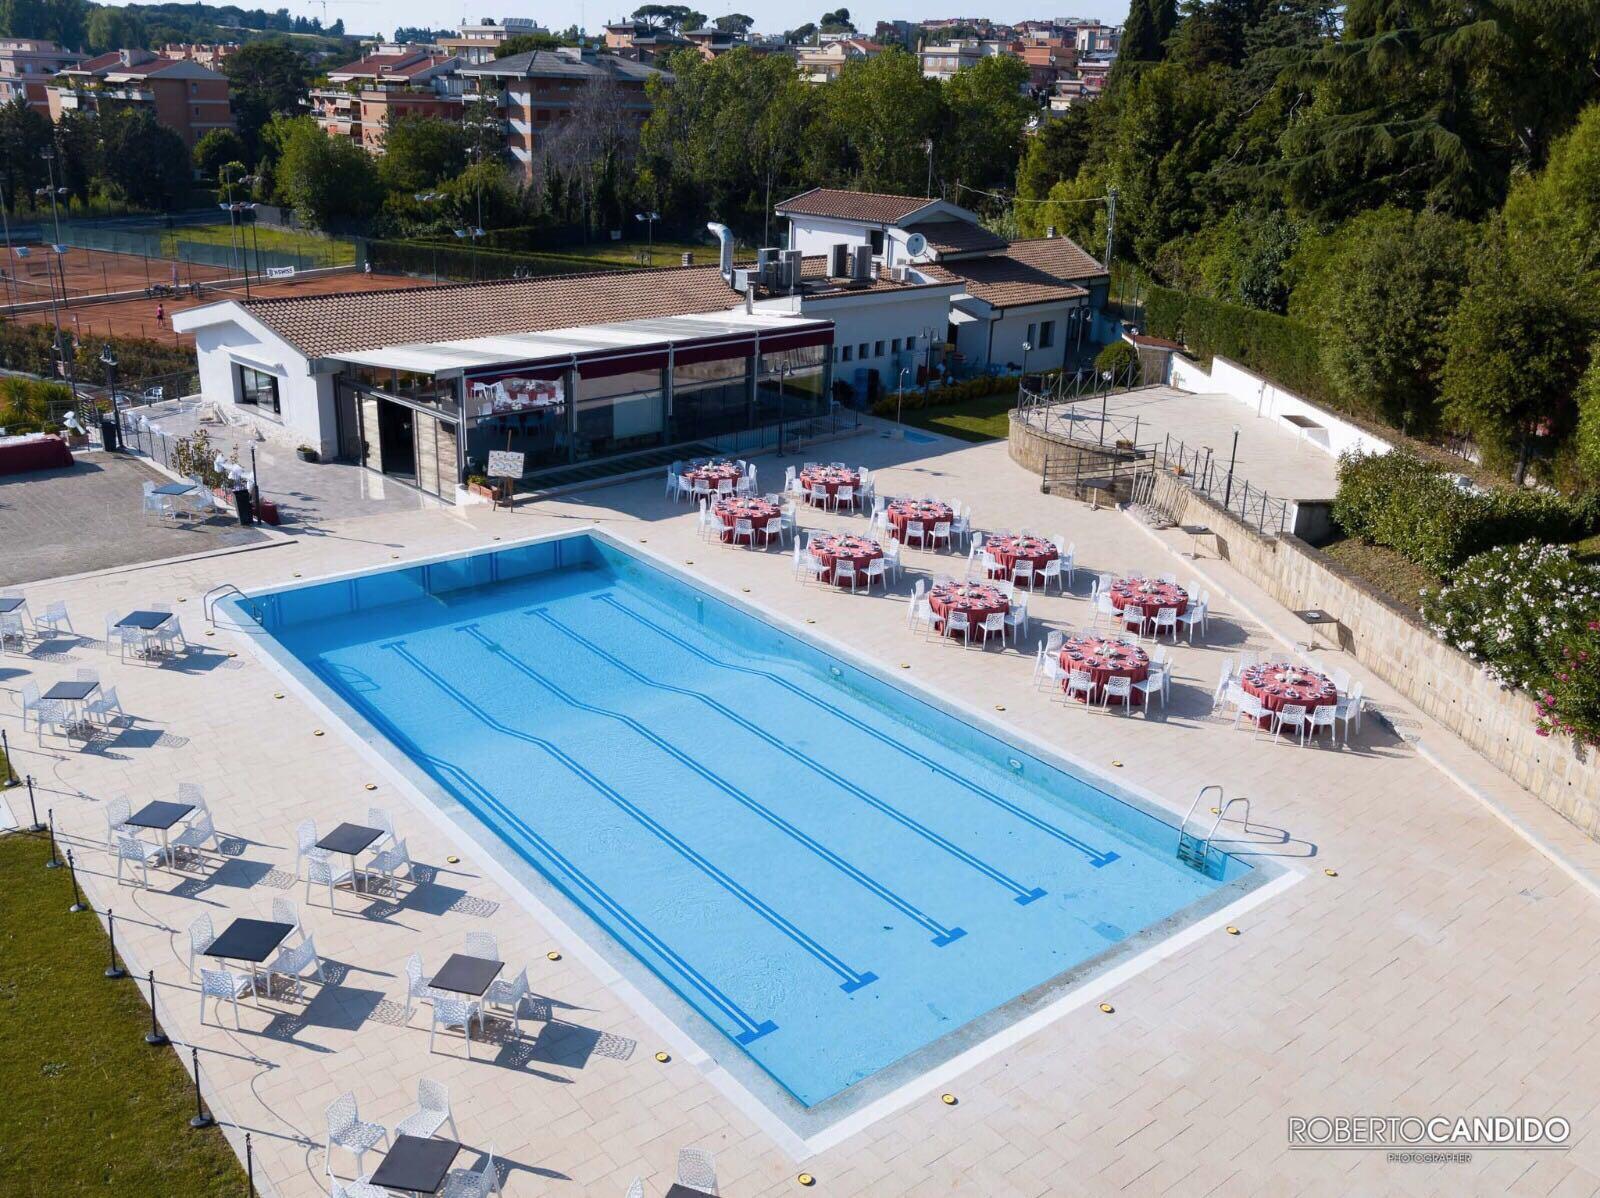 Mercoledi 2 agosto party in piscina play pisana cena for Cena in piscina